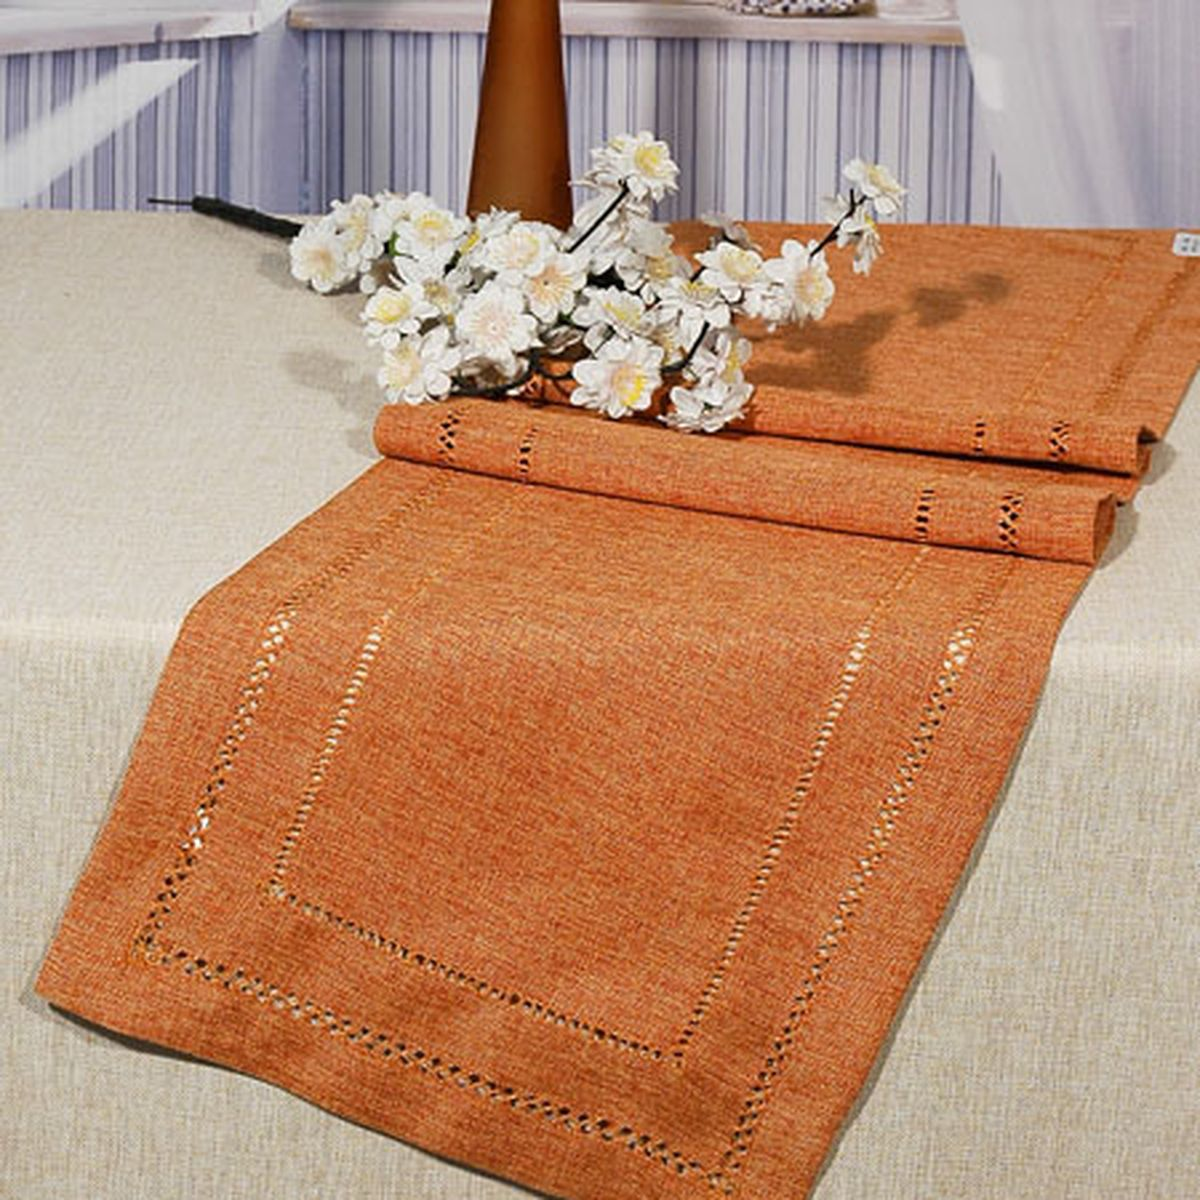 Дорожка для декорирования стола Schaefer, 40 x 140 см, цвет: оранжевый. 06733-2111004900000360Дорожка для декорирования стола Schaefer может быть использована, как основной элемент, так и дополнение для создания уюта и романтического настроения.Дорожка выполнена из полиэстера. Изделие легко стирать: оно не мнется, не садится и быстро сохнет, более долговечно, чем изделие из натуральных волокон.Материал: 100% полиэстер.Размер: 40 x 140 см